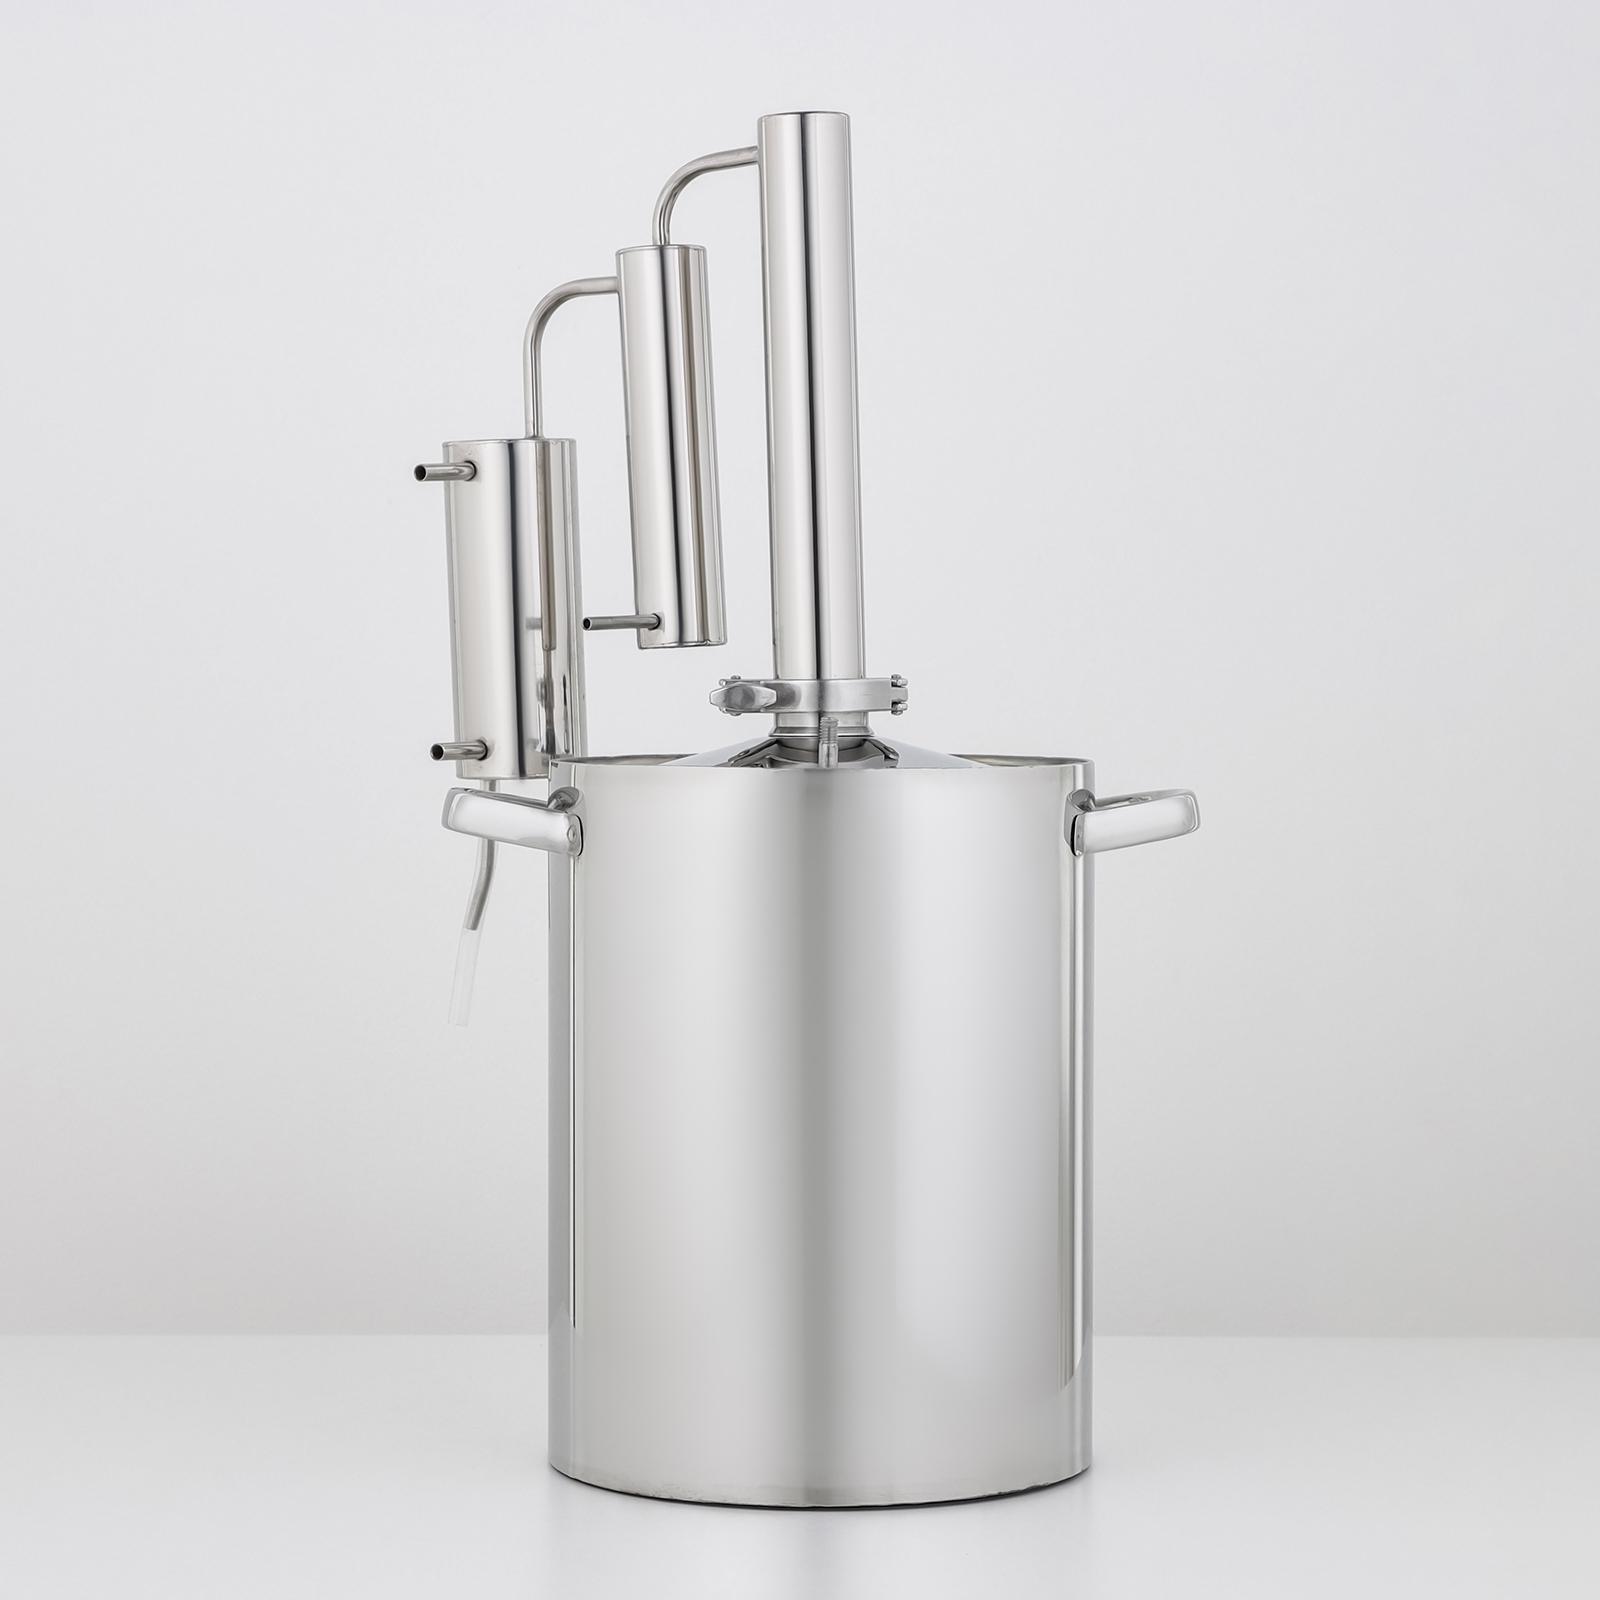 Купить самогонный аппарат 9мая 49 какую трубу лучше использовать в самогонном аппарате